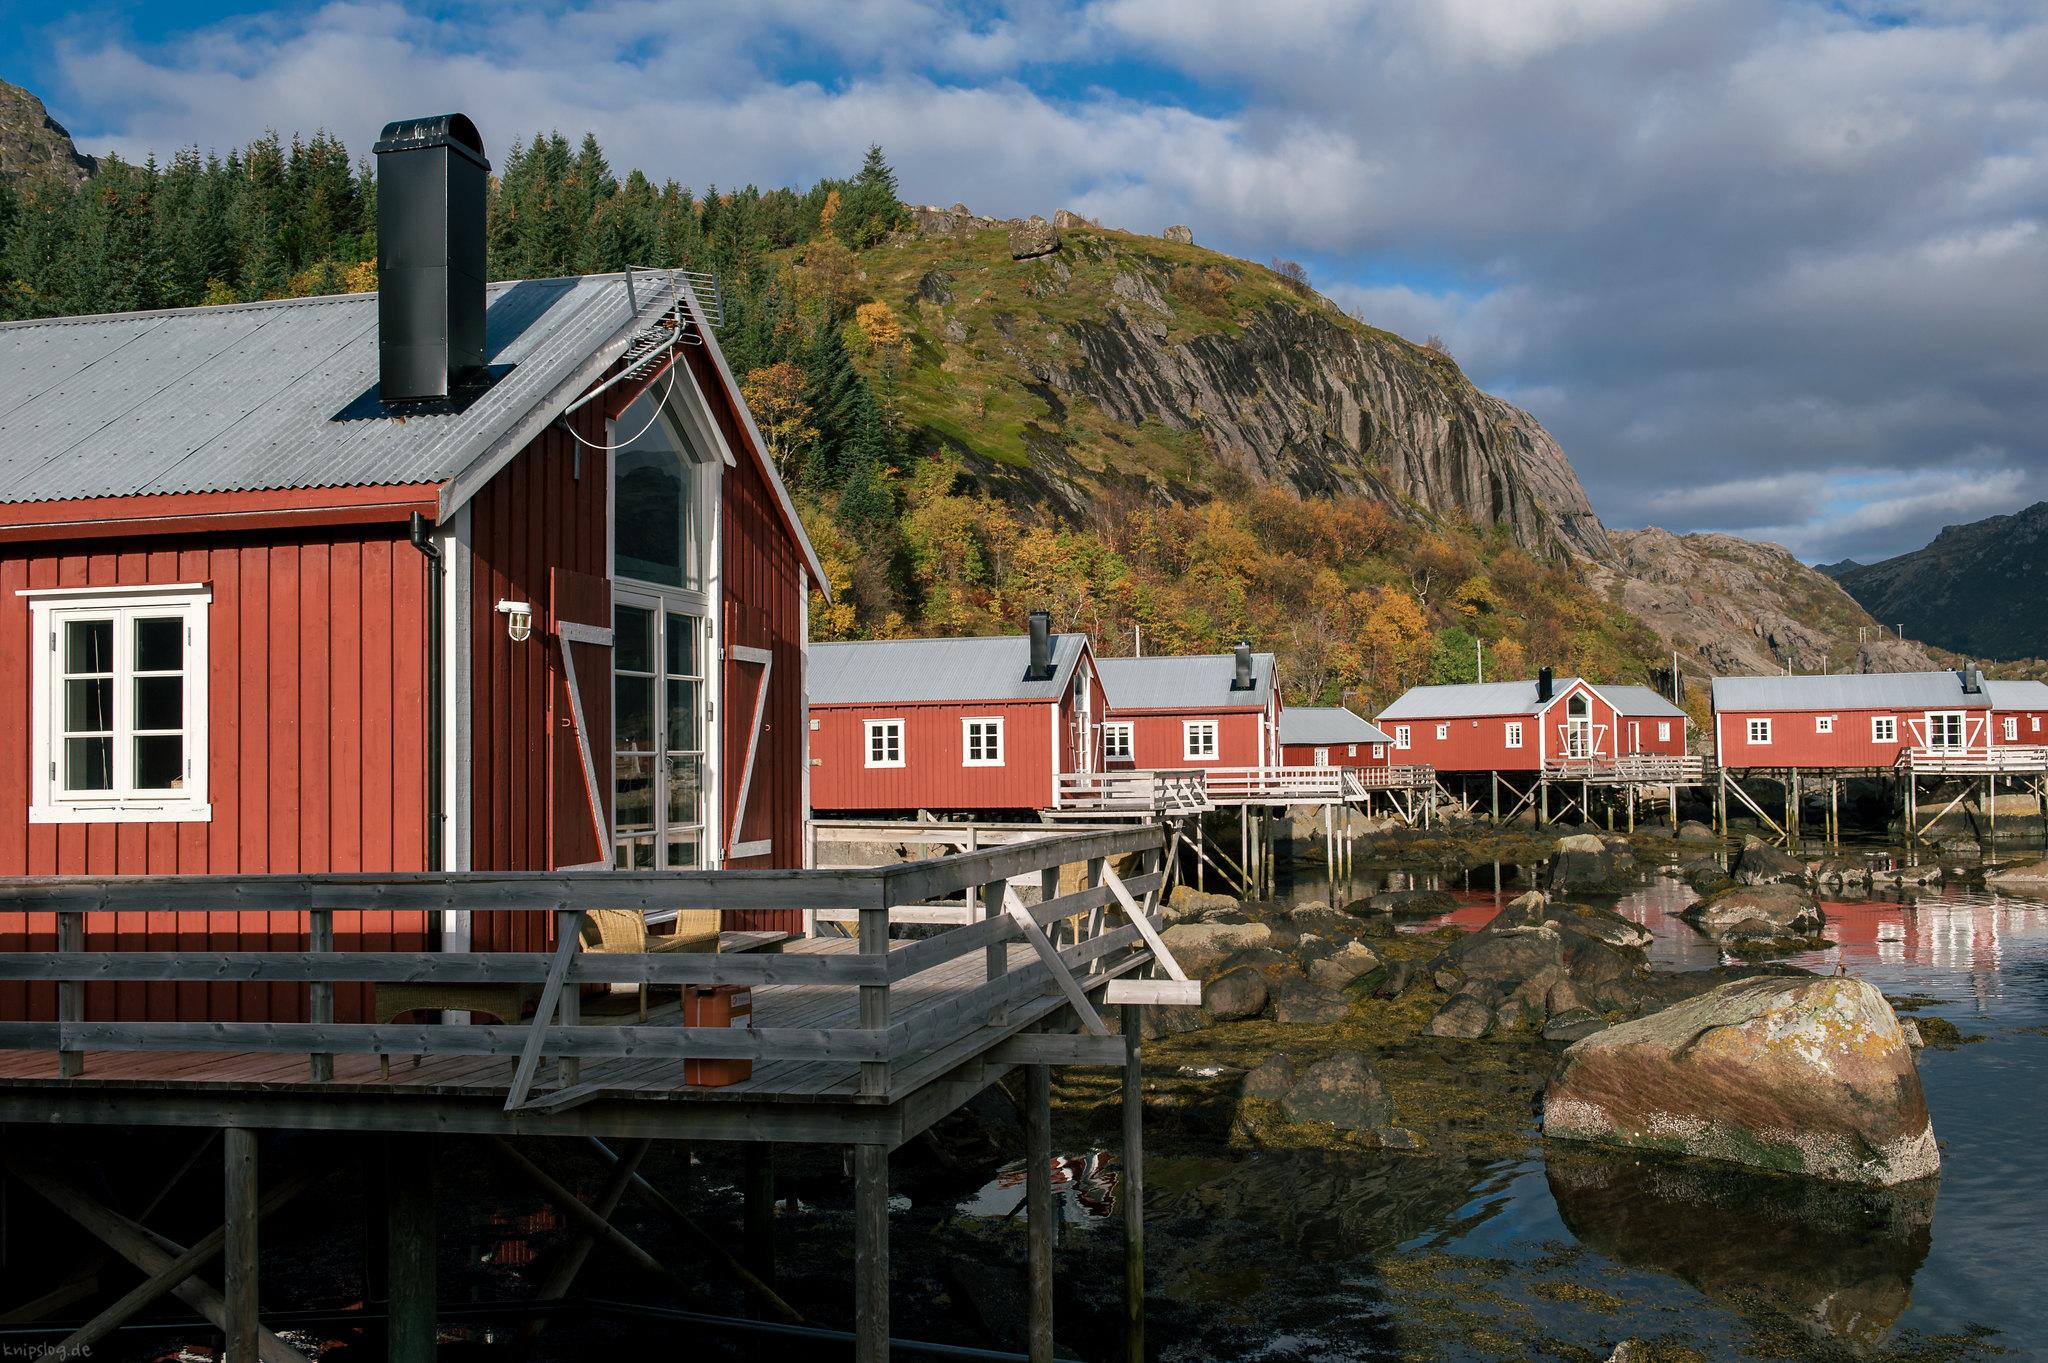 Rørbue in Nusfjord